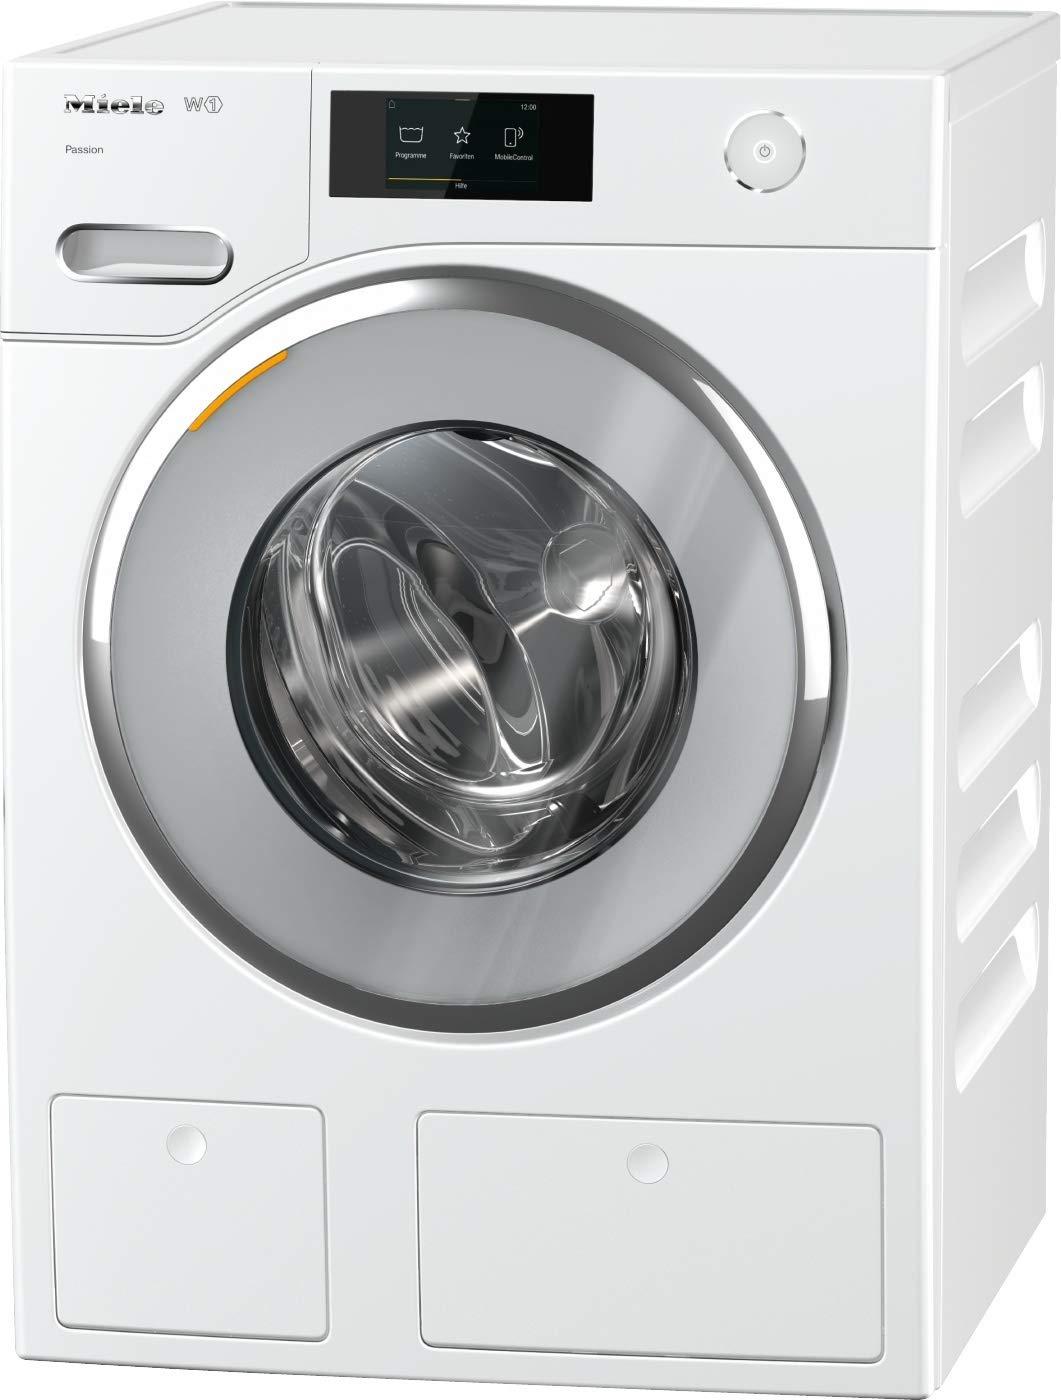 Miele-WWV-980-WPS-Passion-WaschmaschineEnergieklasse-A109-kWhJahrmit-automatischer-DosierungWaschautomat-mit-9kg-Schontrommel-und-Dampffunktion-zum-Vorbgelnper-WLAN-mit-Smartphone-steuerbar